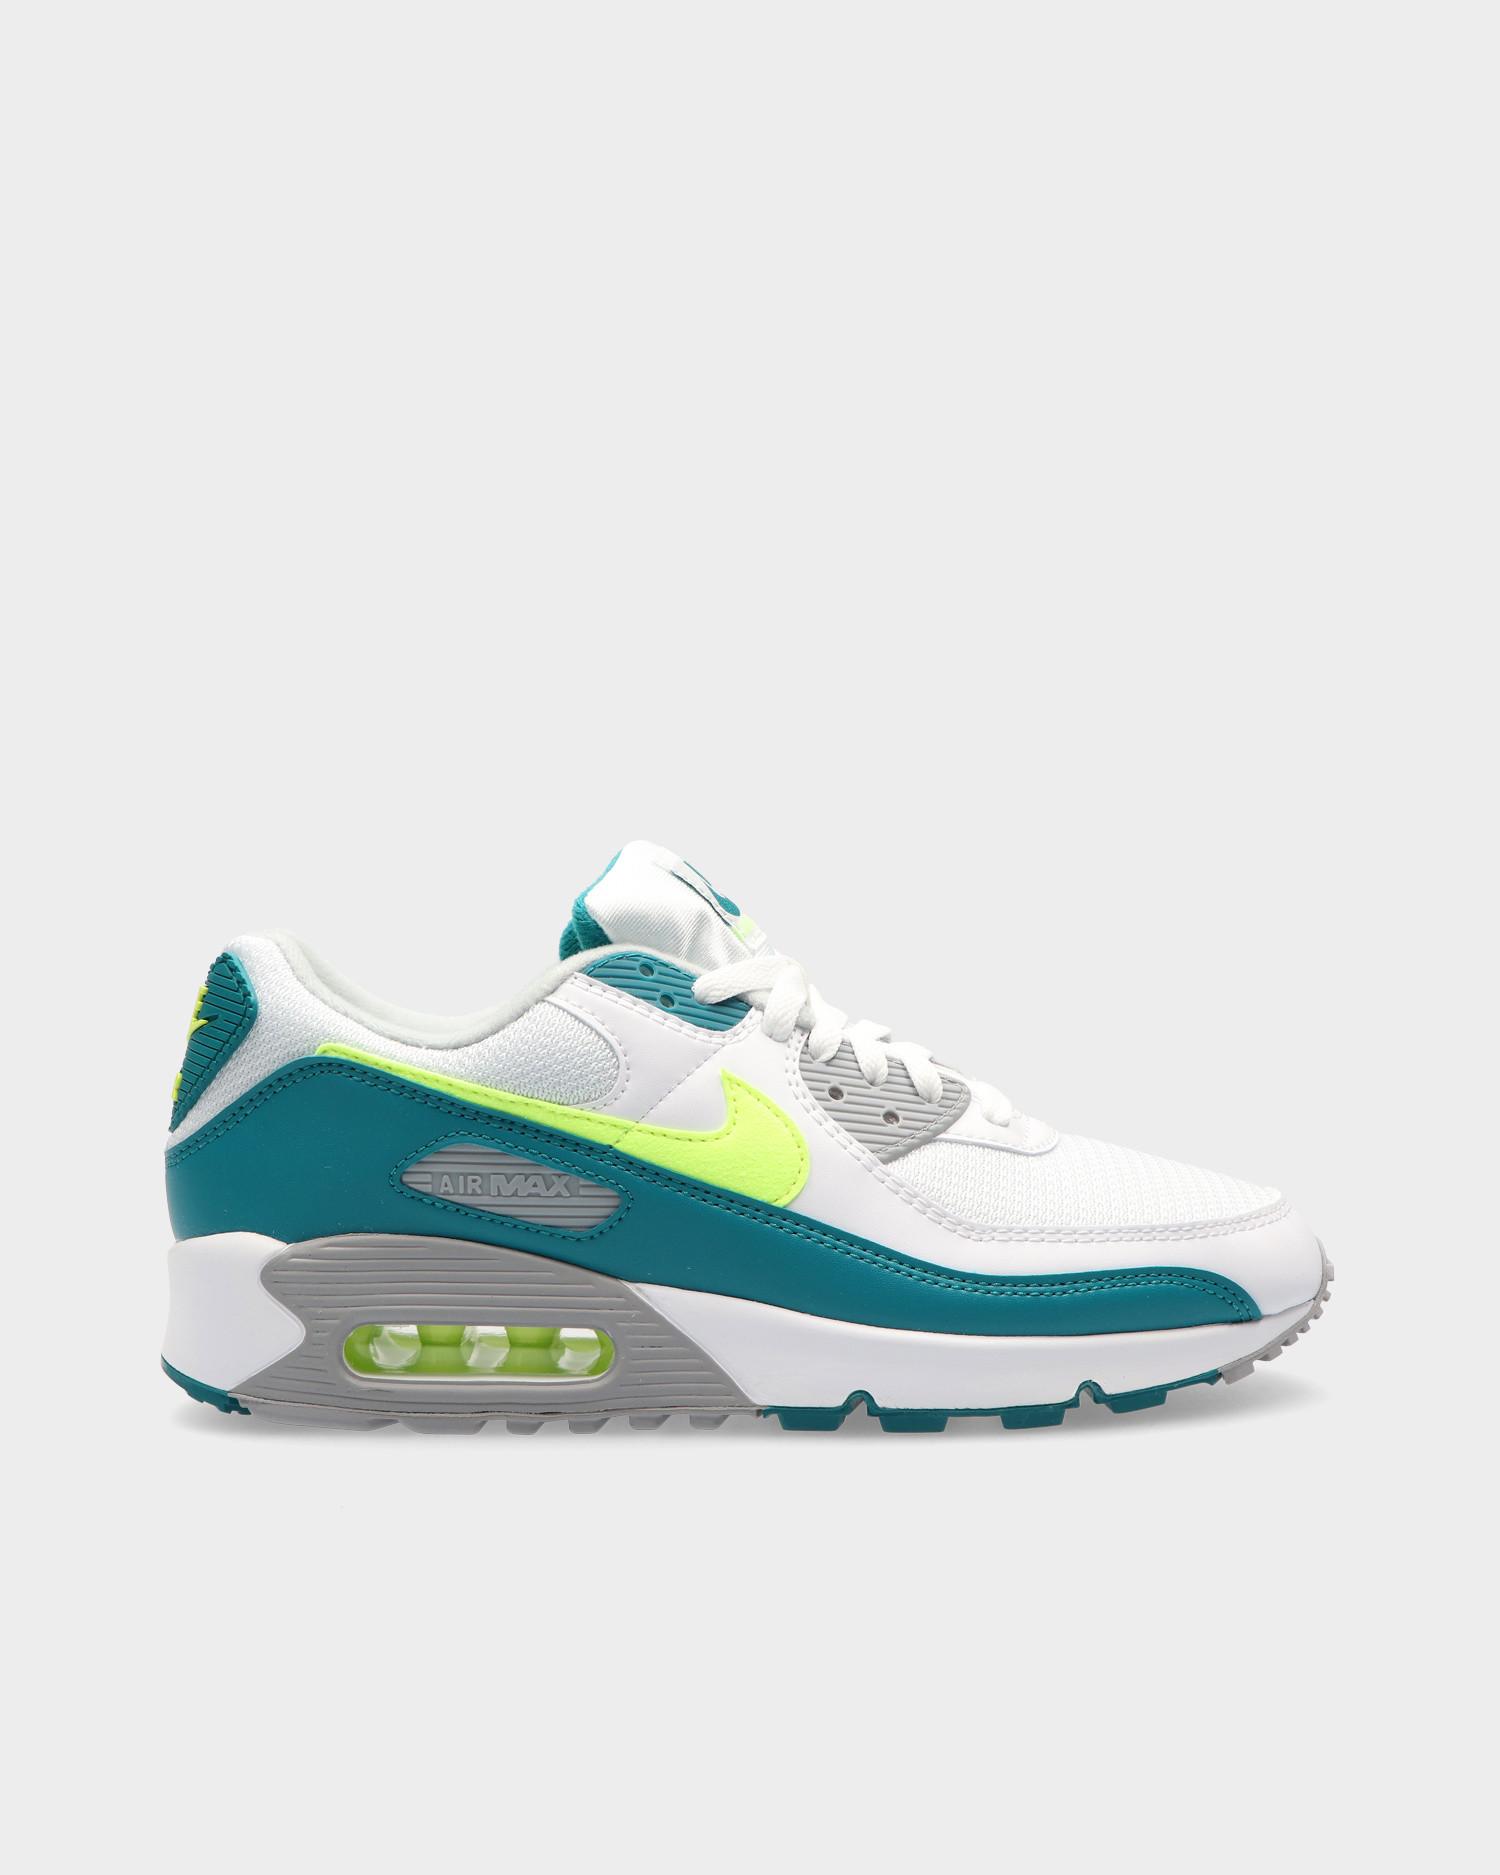 Nike Air Max III White/hot lime-spruce-grey fog